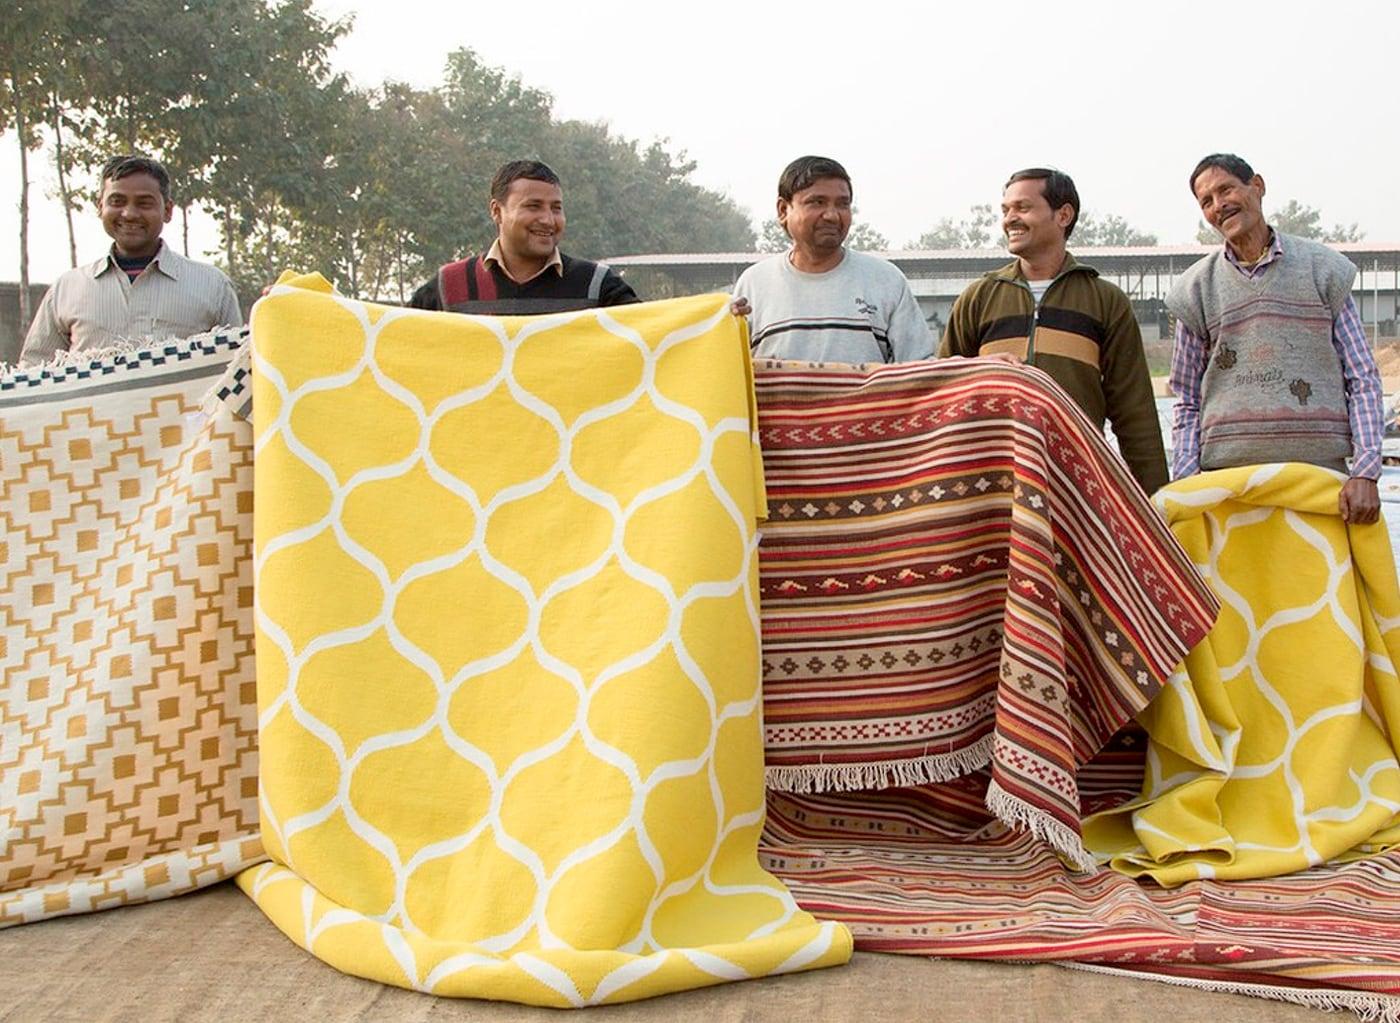 Hommes présentant une sélection de tapis tissés à la main.